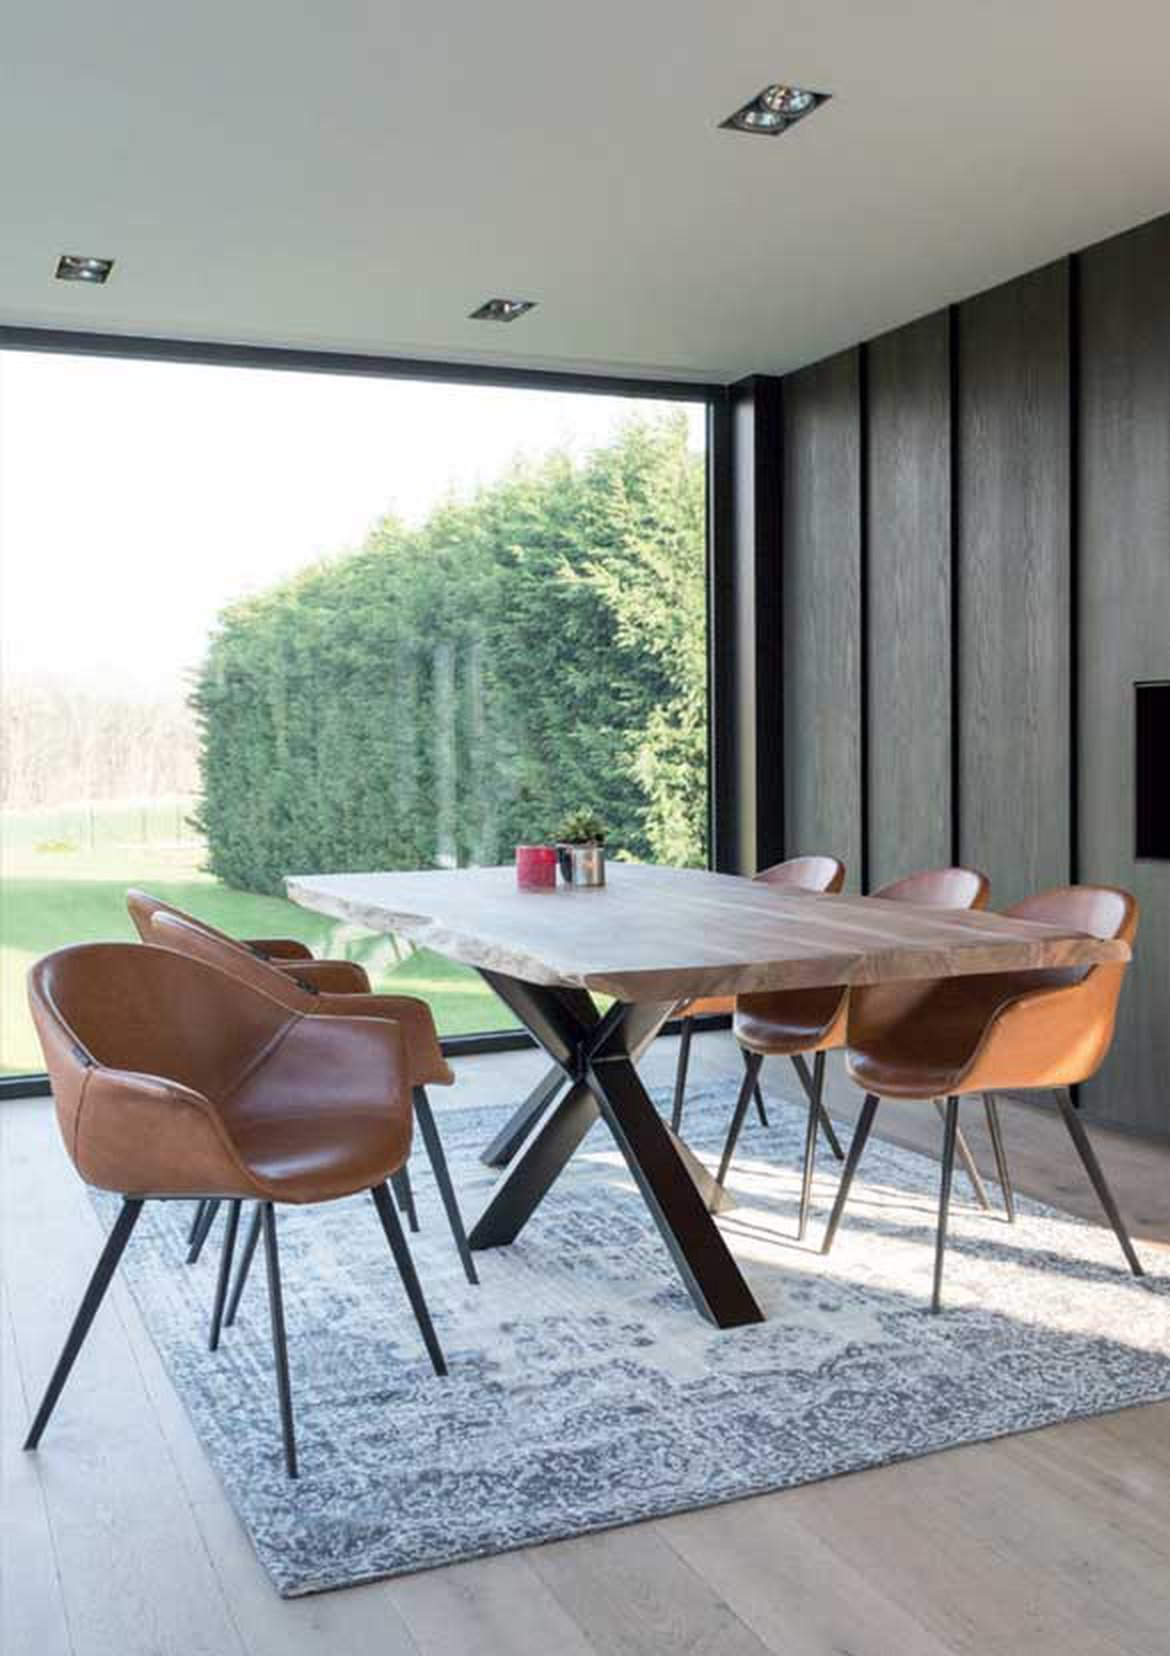 table en bois fauteuil cuir design 1170x0 q85 subsampling 2 upscale